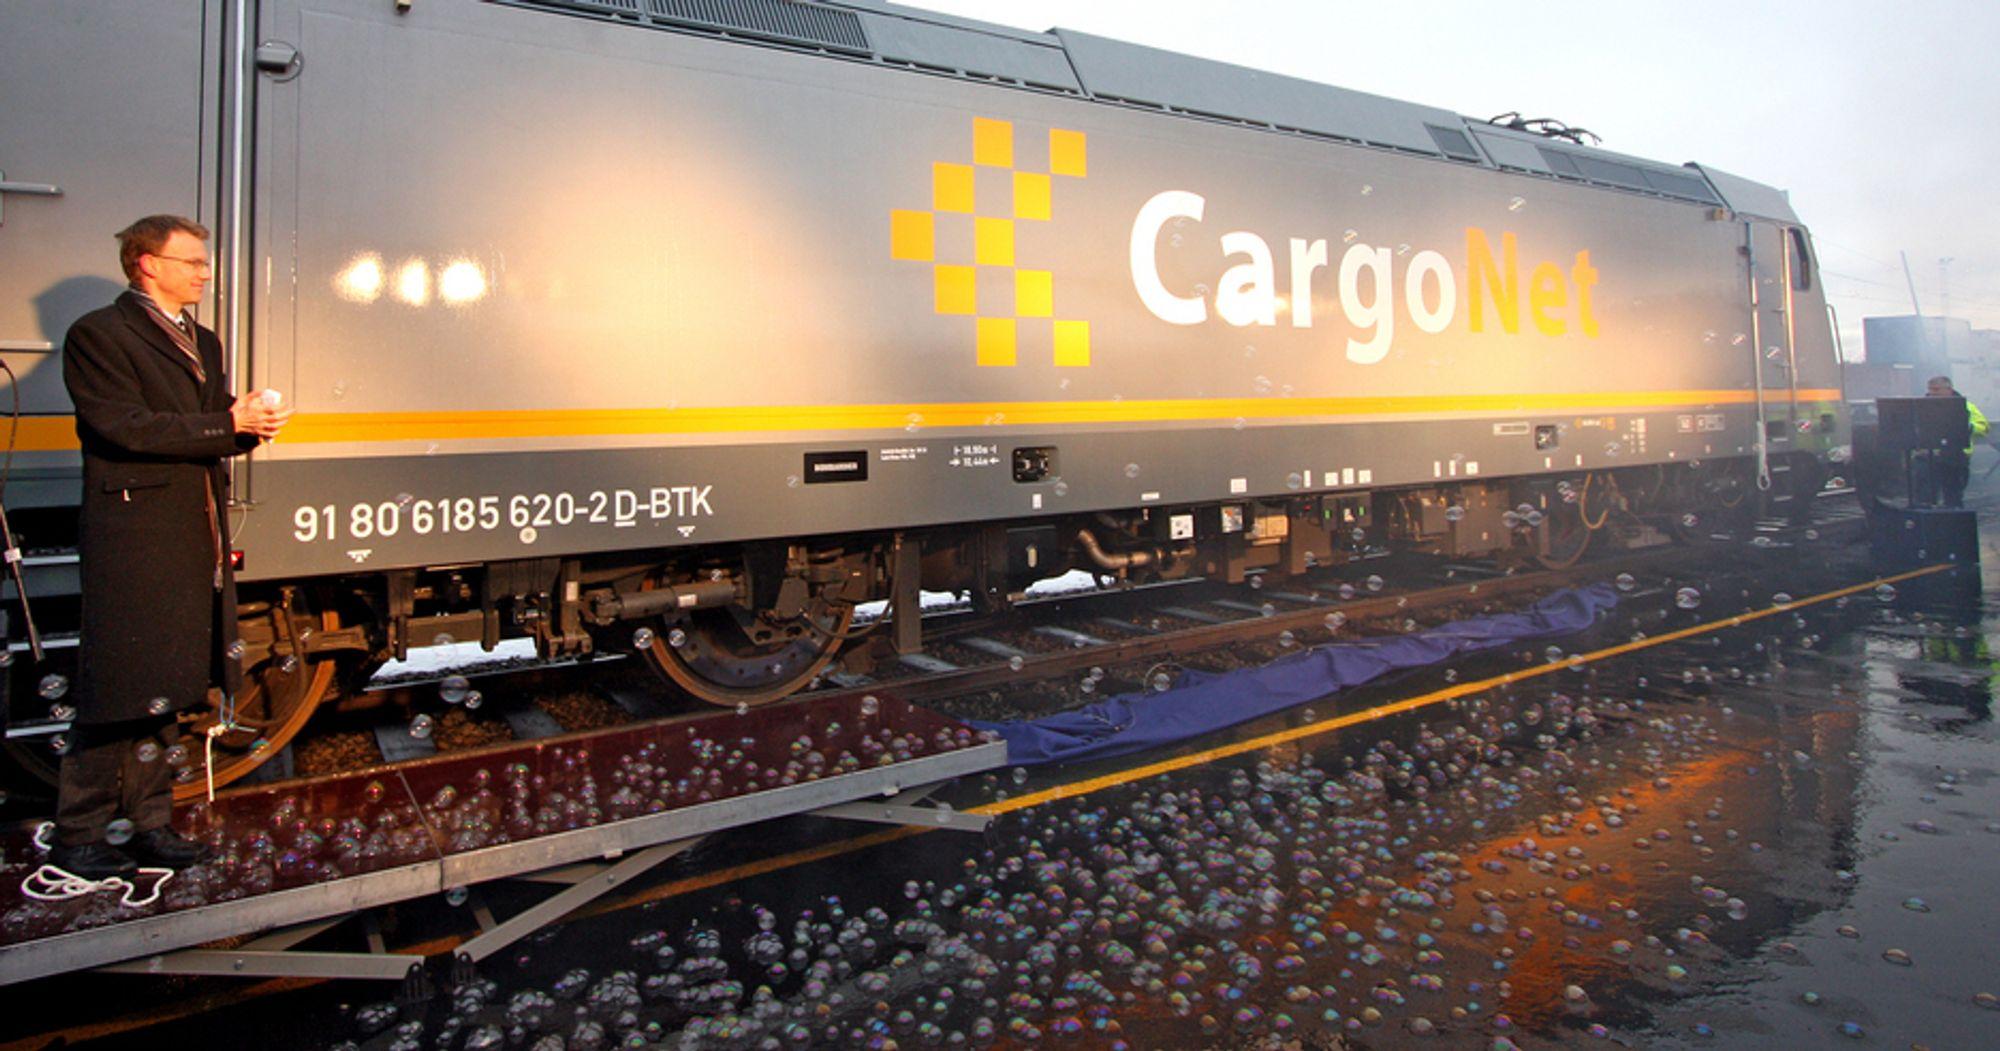 Statssekretær Erik Lahnstein i Samferdselsdepartementet og en anselig mengde såpebobler var rammen da CargoNets nye lokomotiv CE 119 ble avduket på Alnabru torsdag ettermiddag.